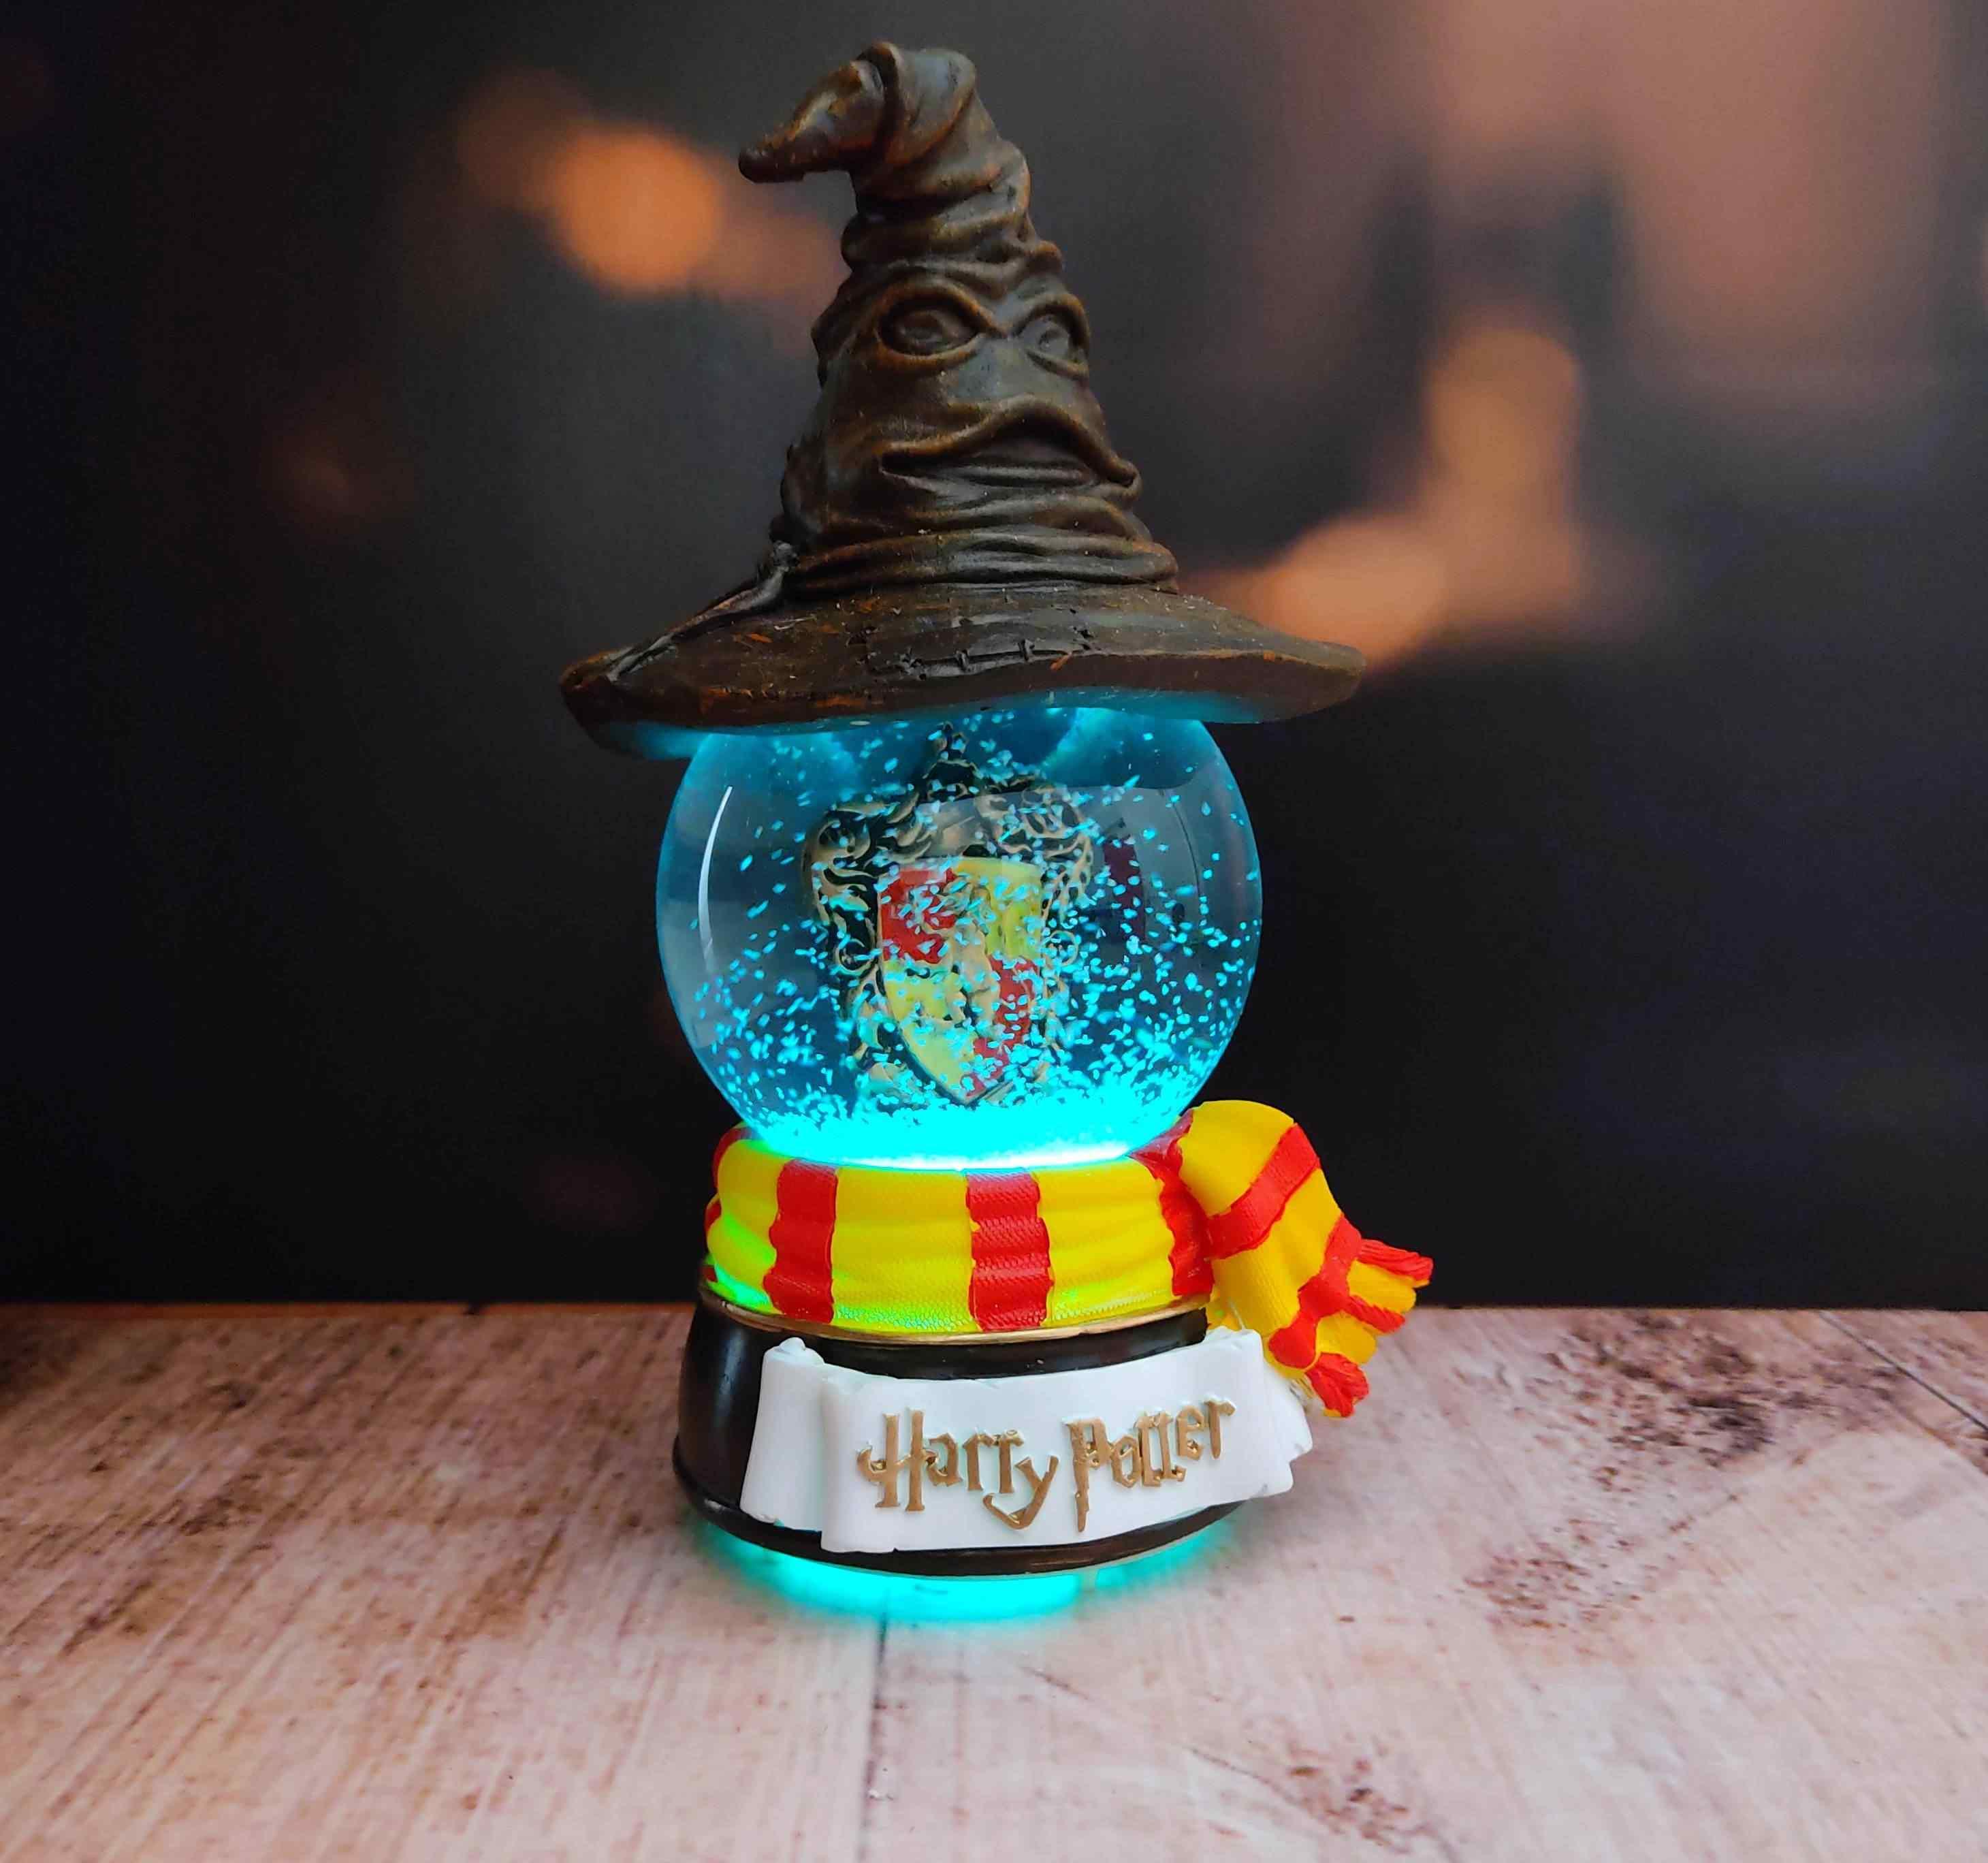 Harry Potter Asa Ve Harry Potter Müzikli Hogwarts Renk Değiştiren Kar Küresi